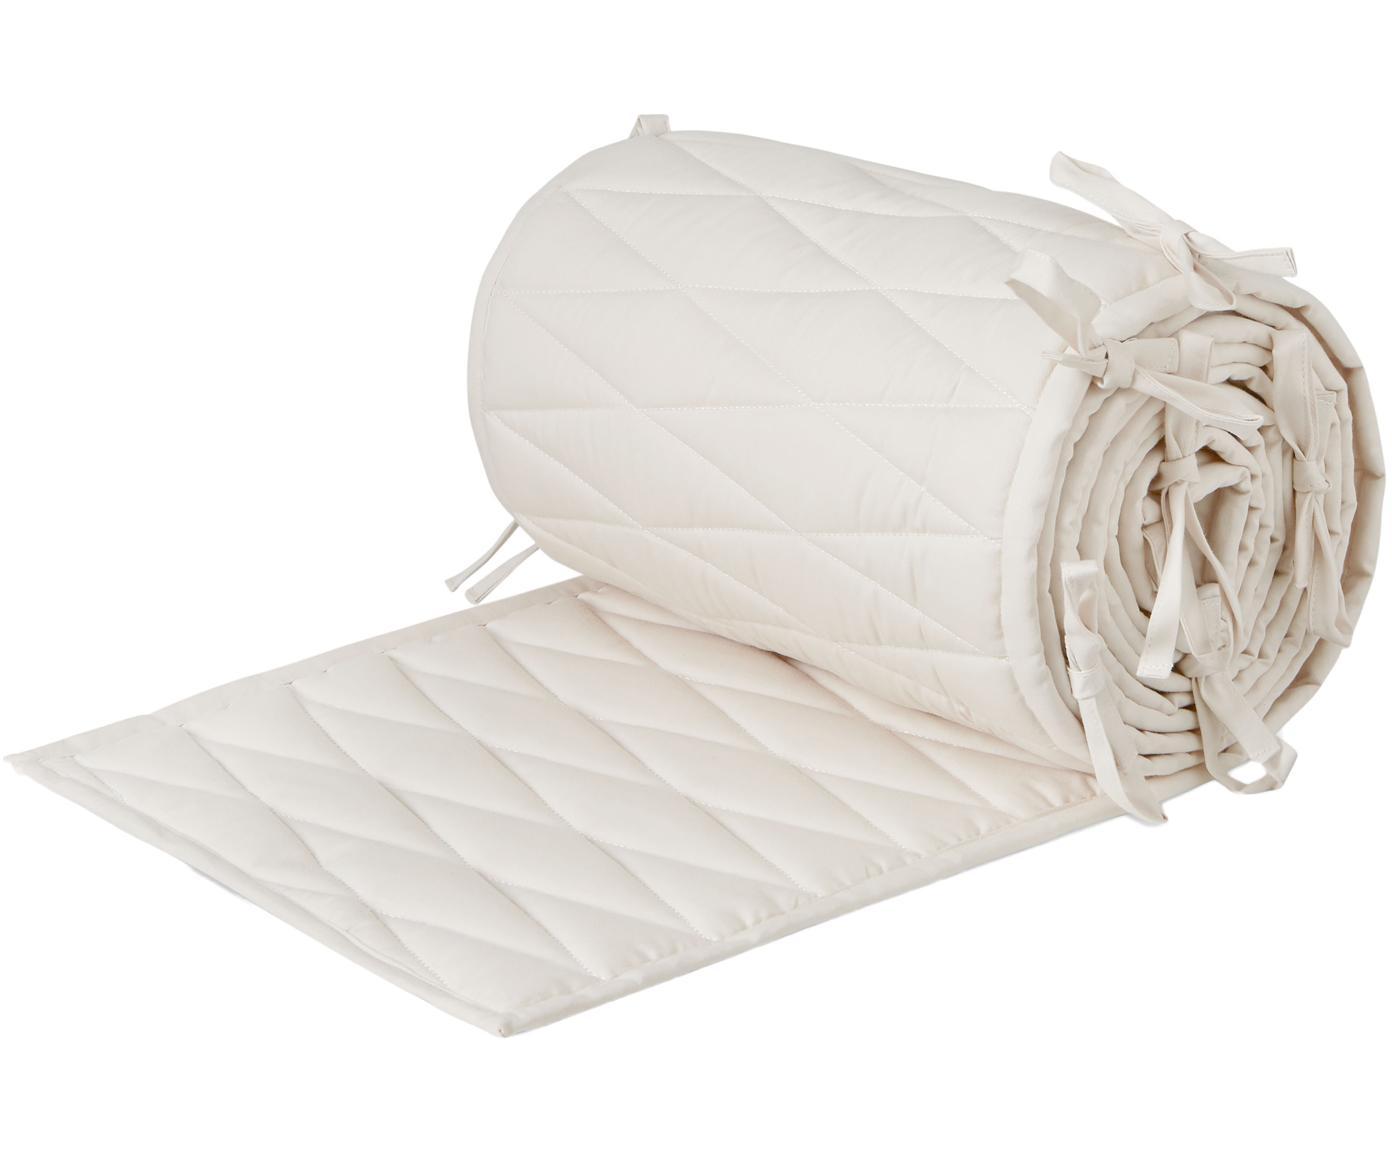 Paracolpi per culla in cotone organico Safe, Rivestimento: cotone organico, Crema, Larg. 30 x Lung. 365 cm